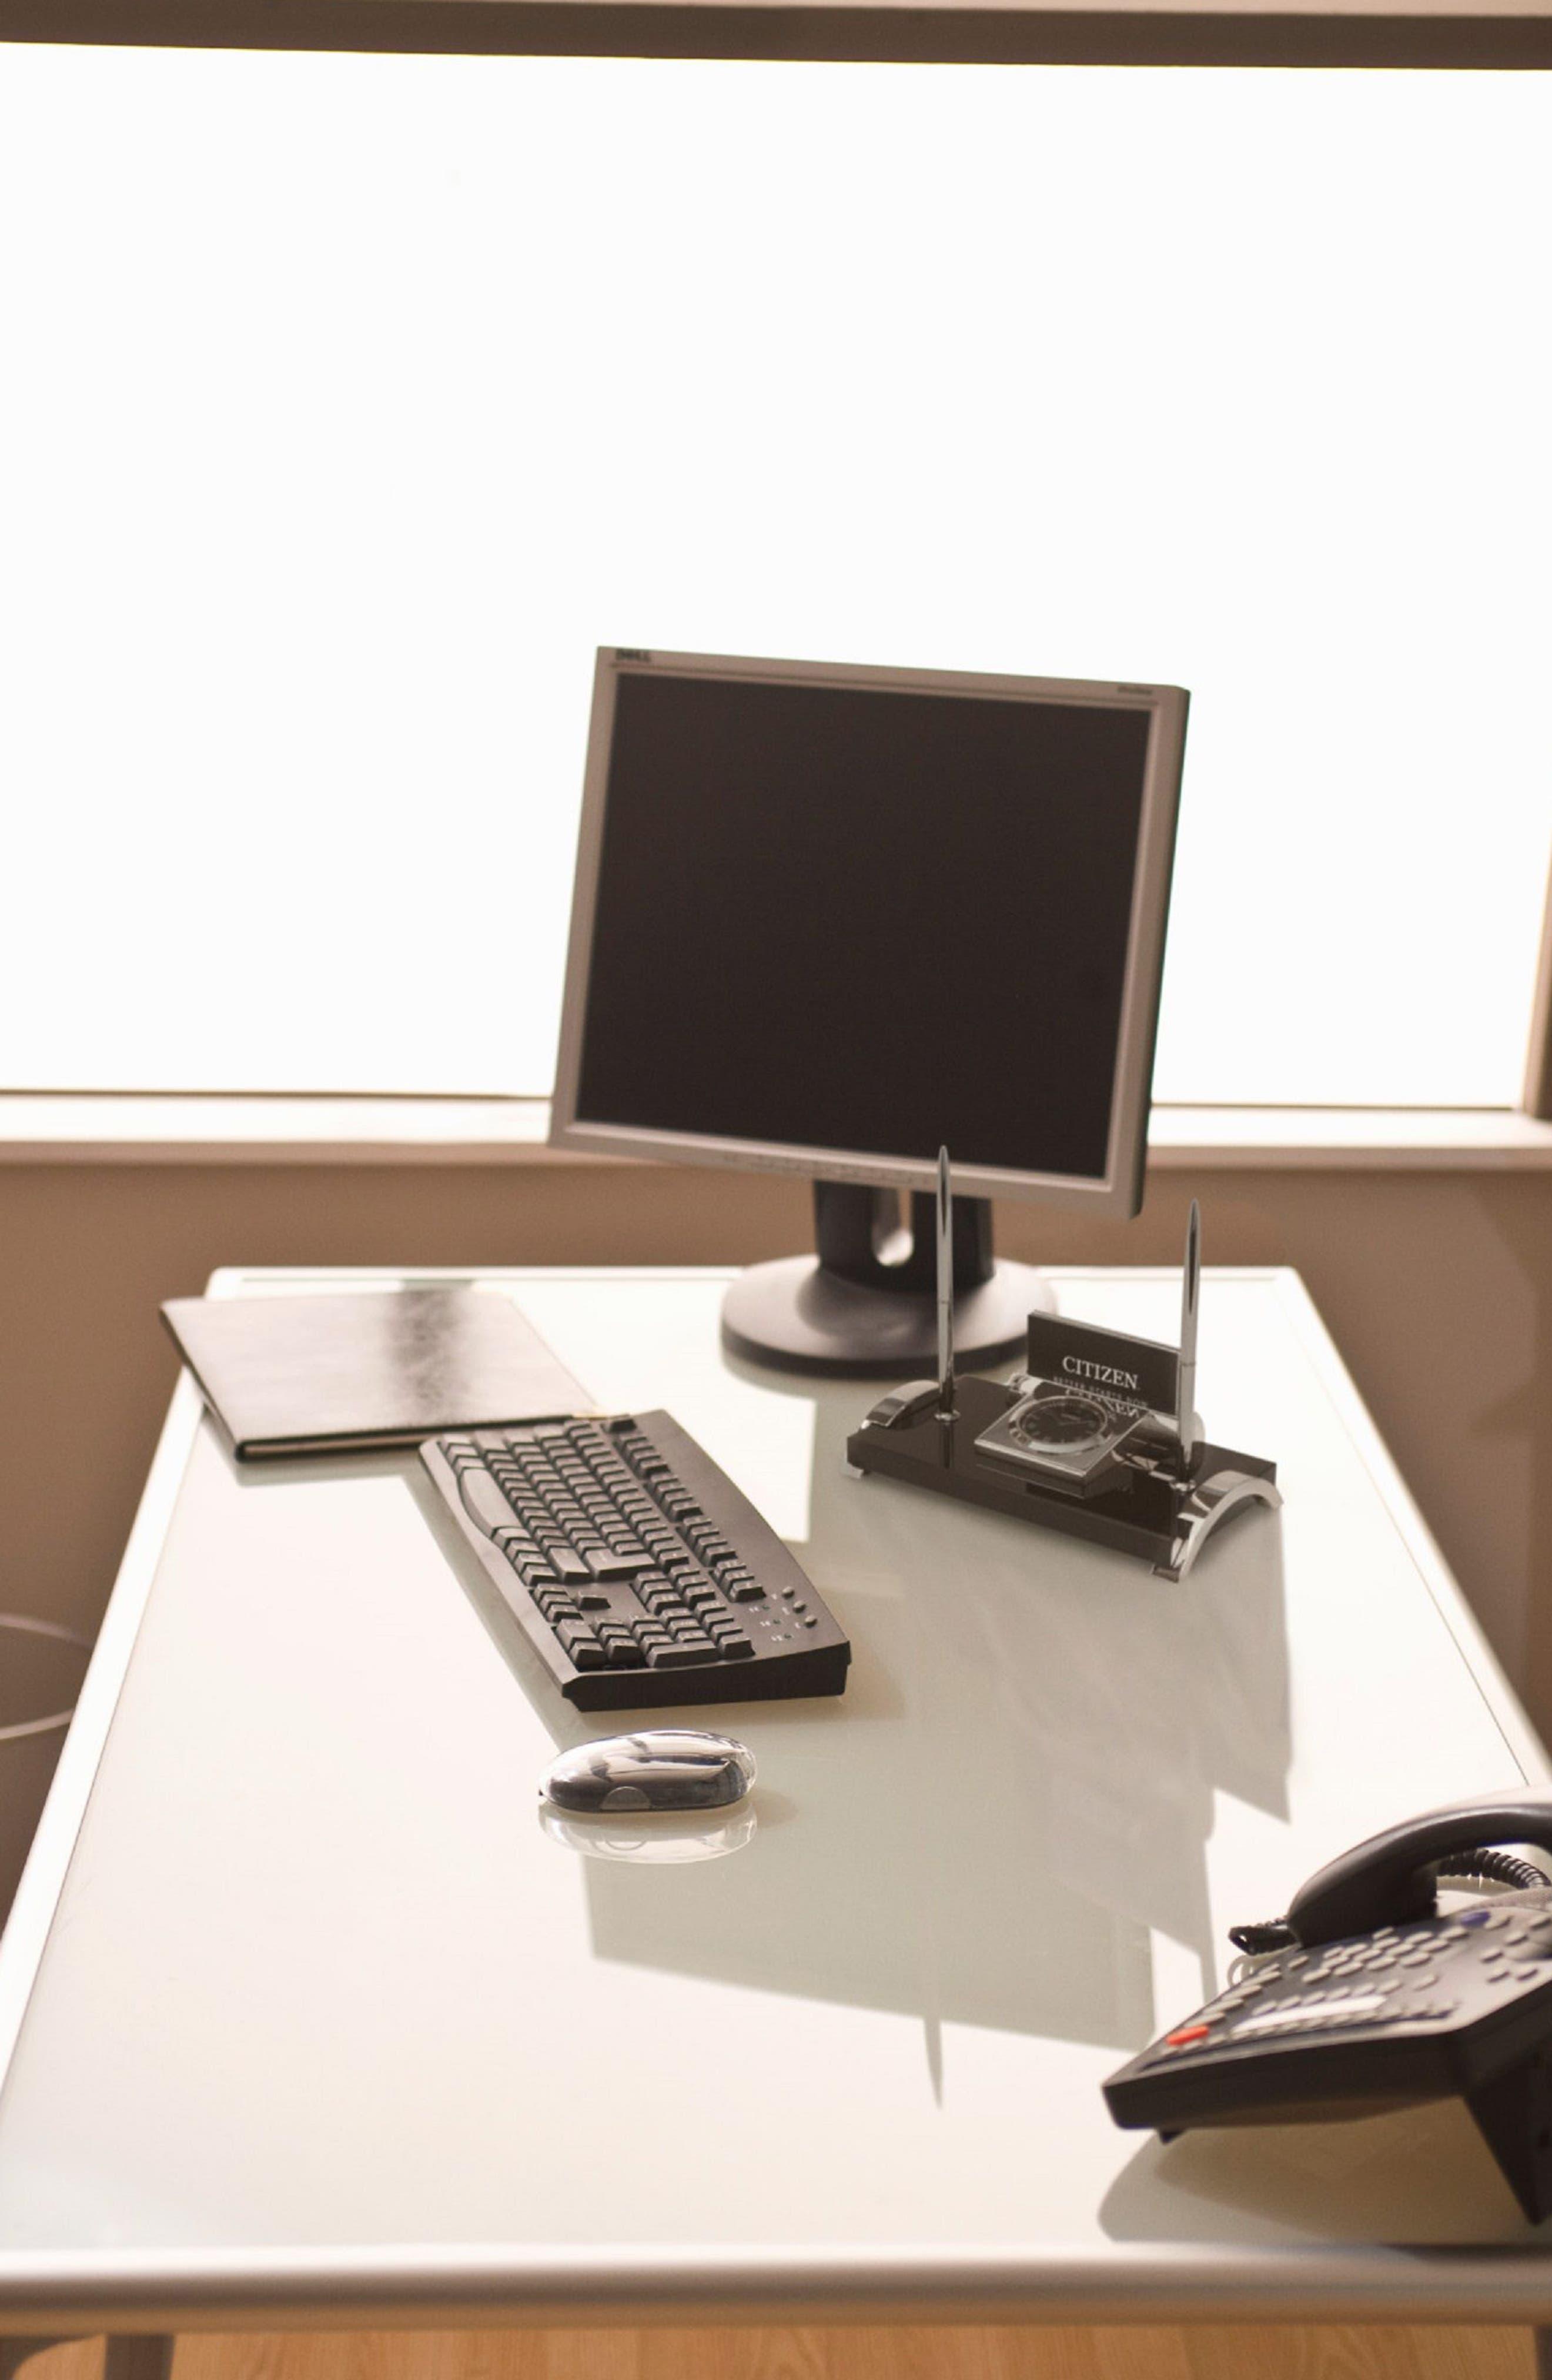 Executive Suite Desk Clock,                             Alternate thumbnail 2, color,                             Black